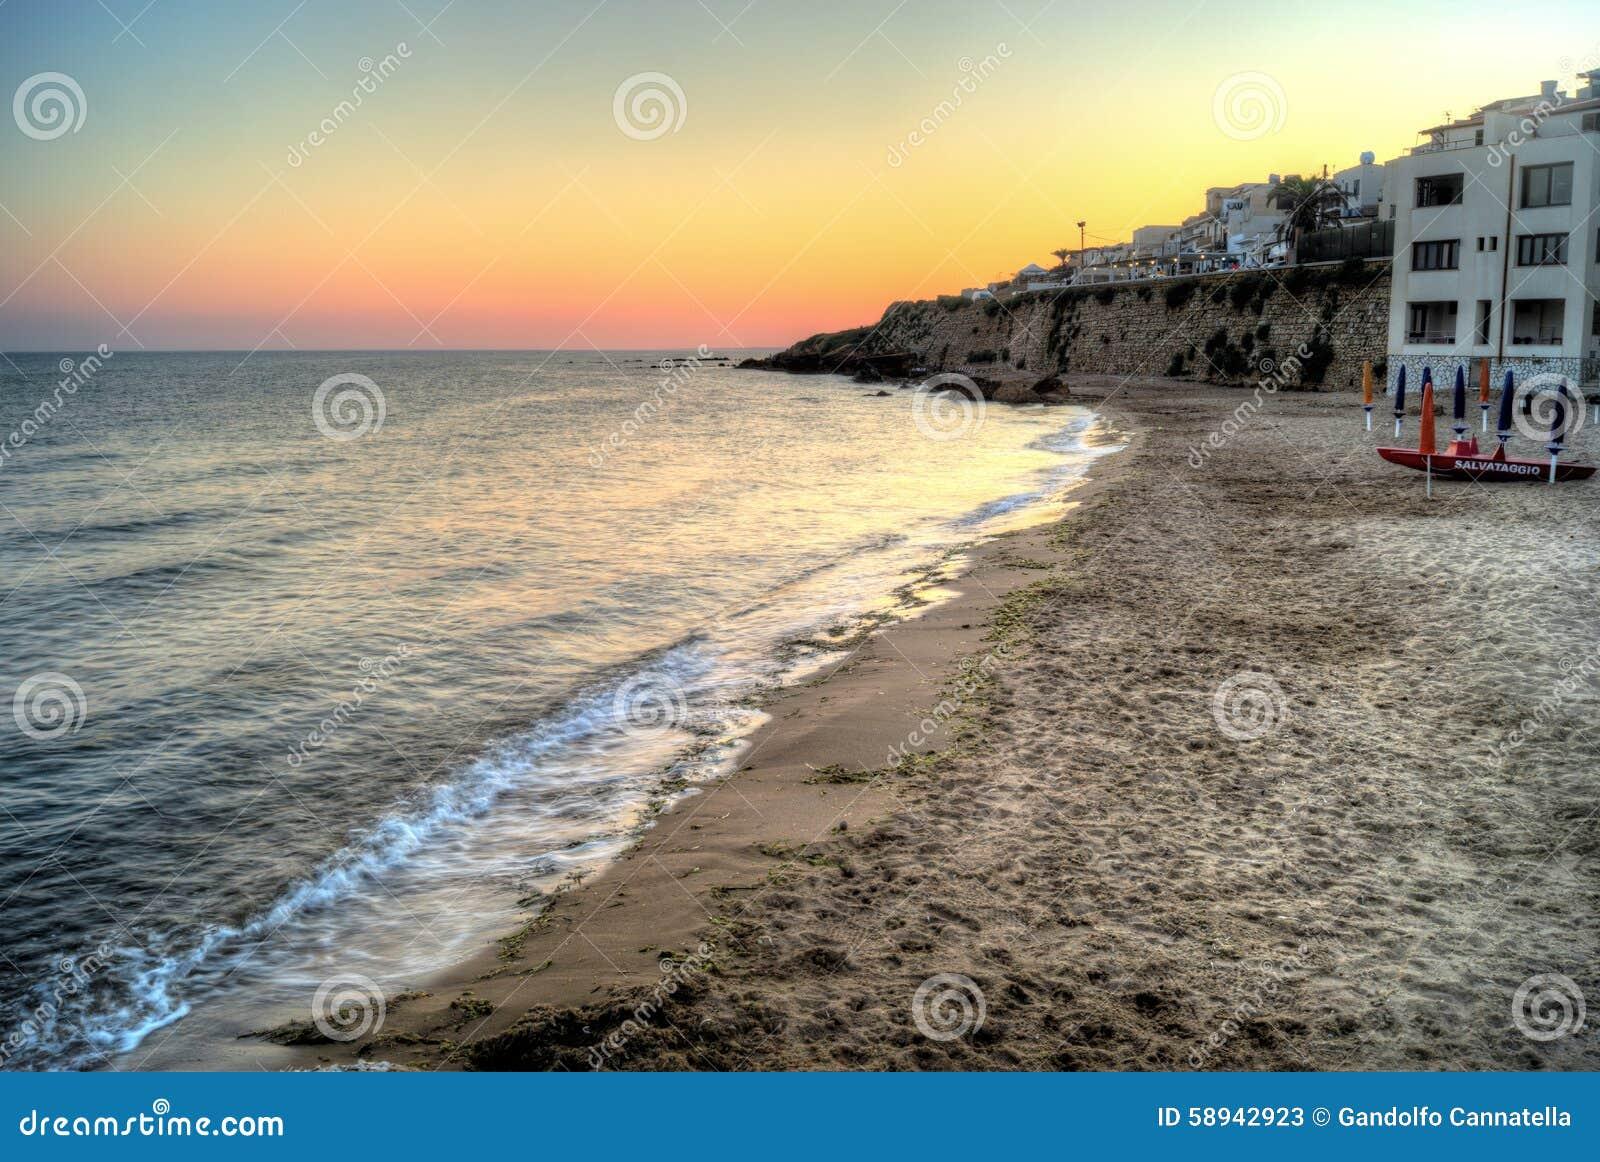 Пляж Selinunte на заходе солнца в Сицилии